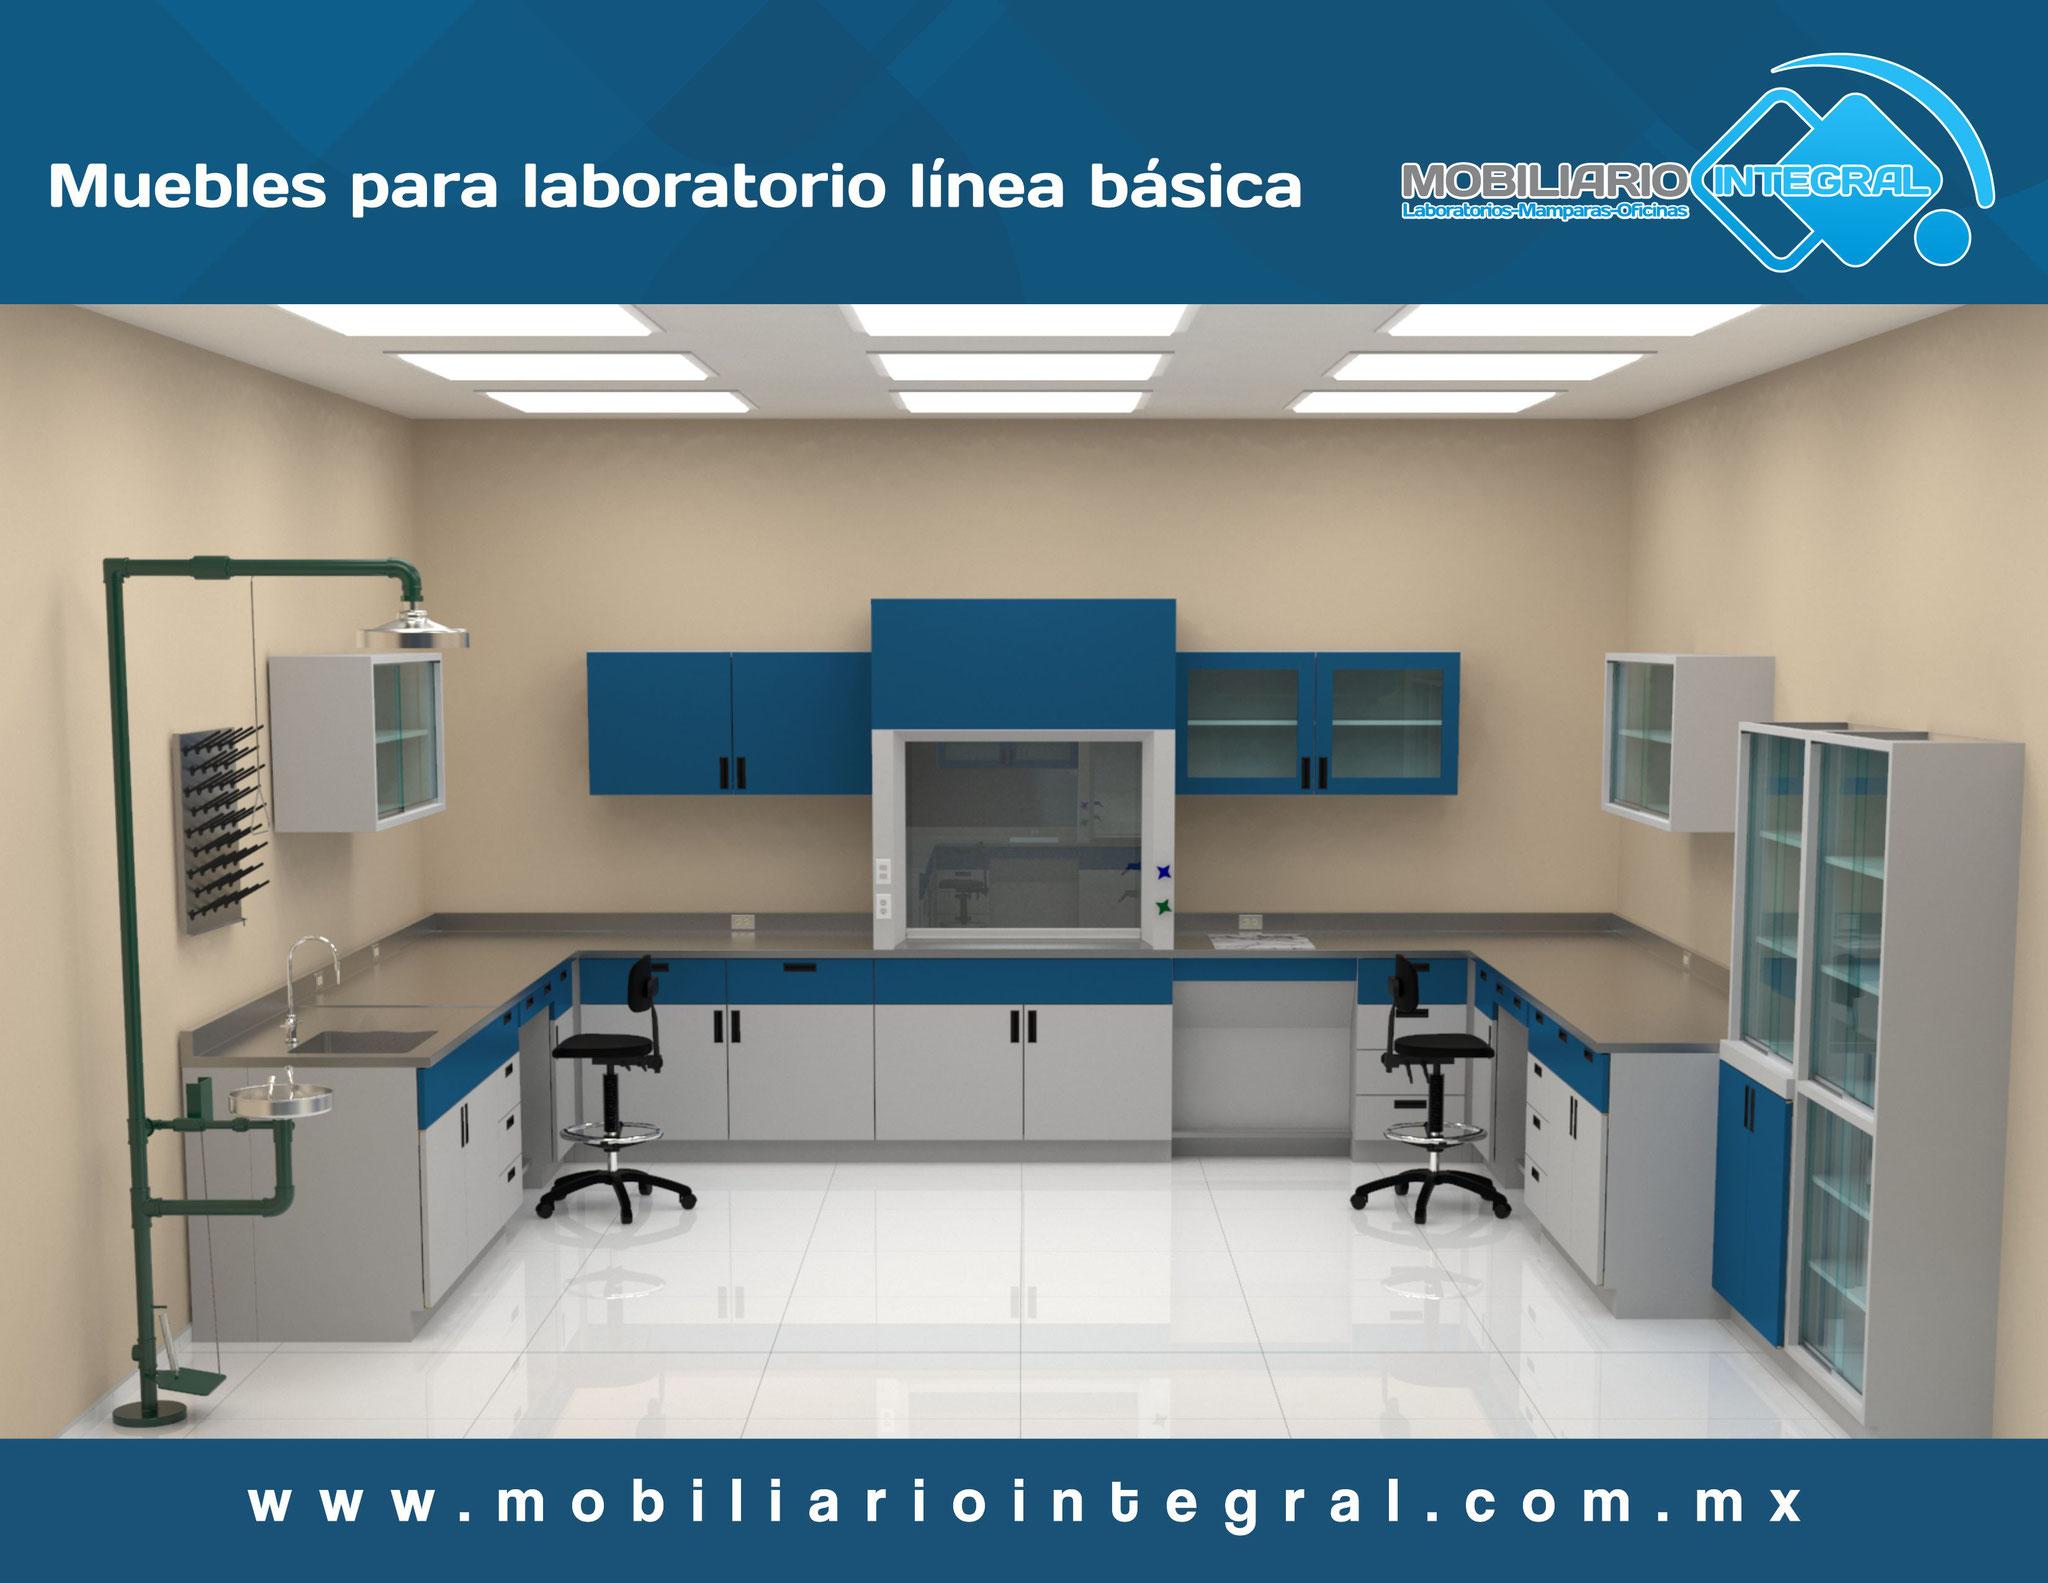 Muebles para laboratorio en Guerrero